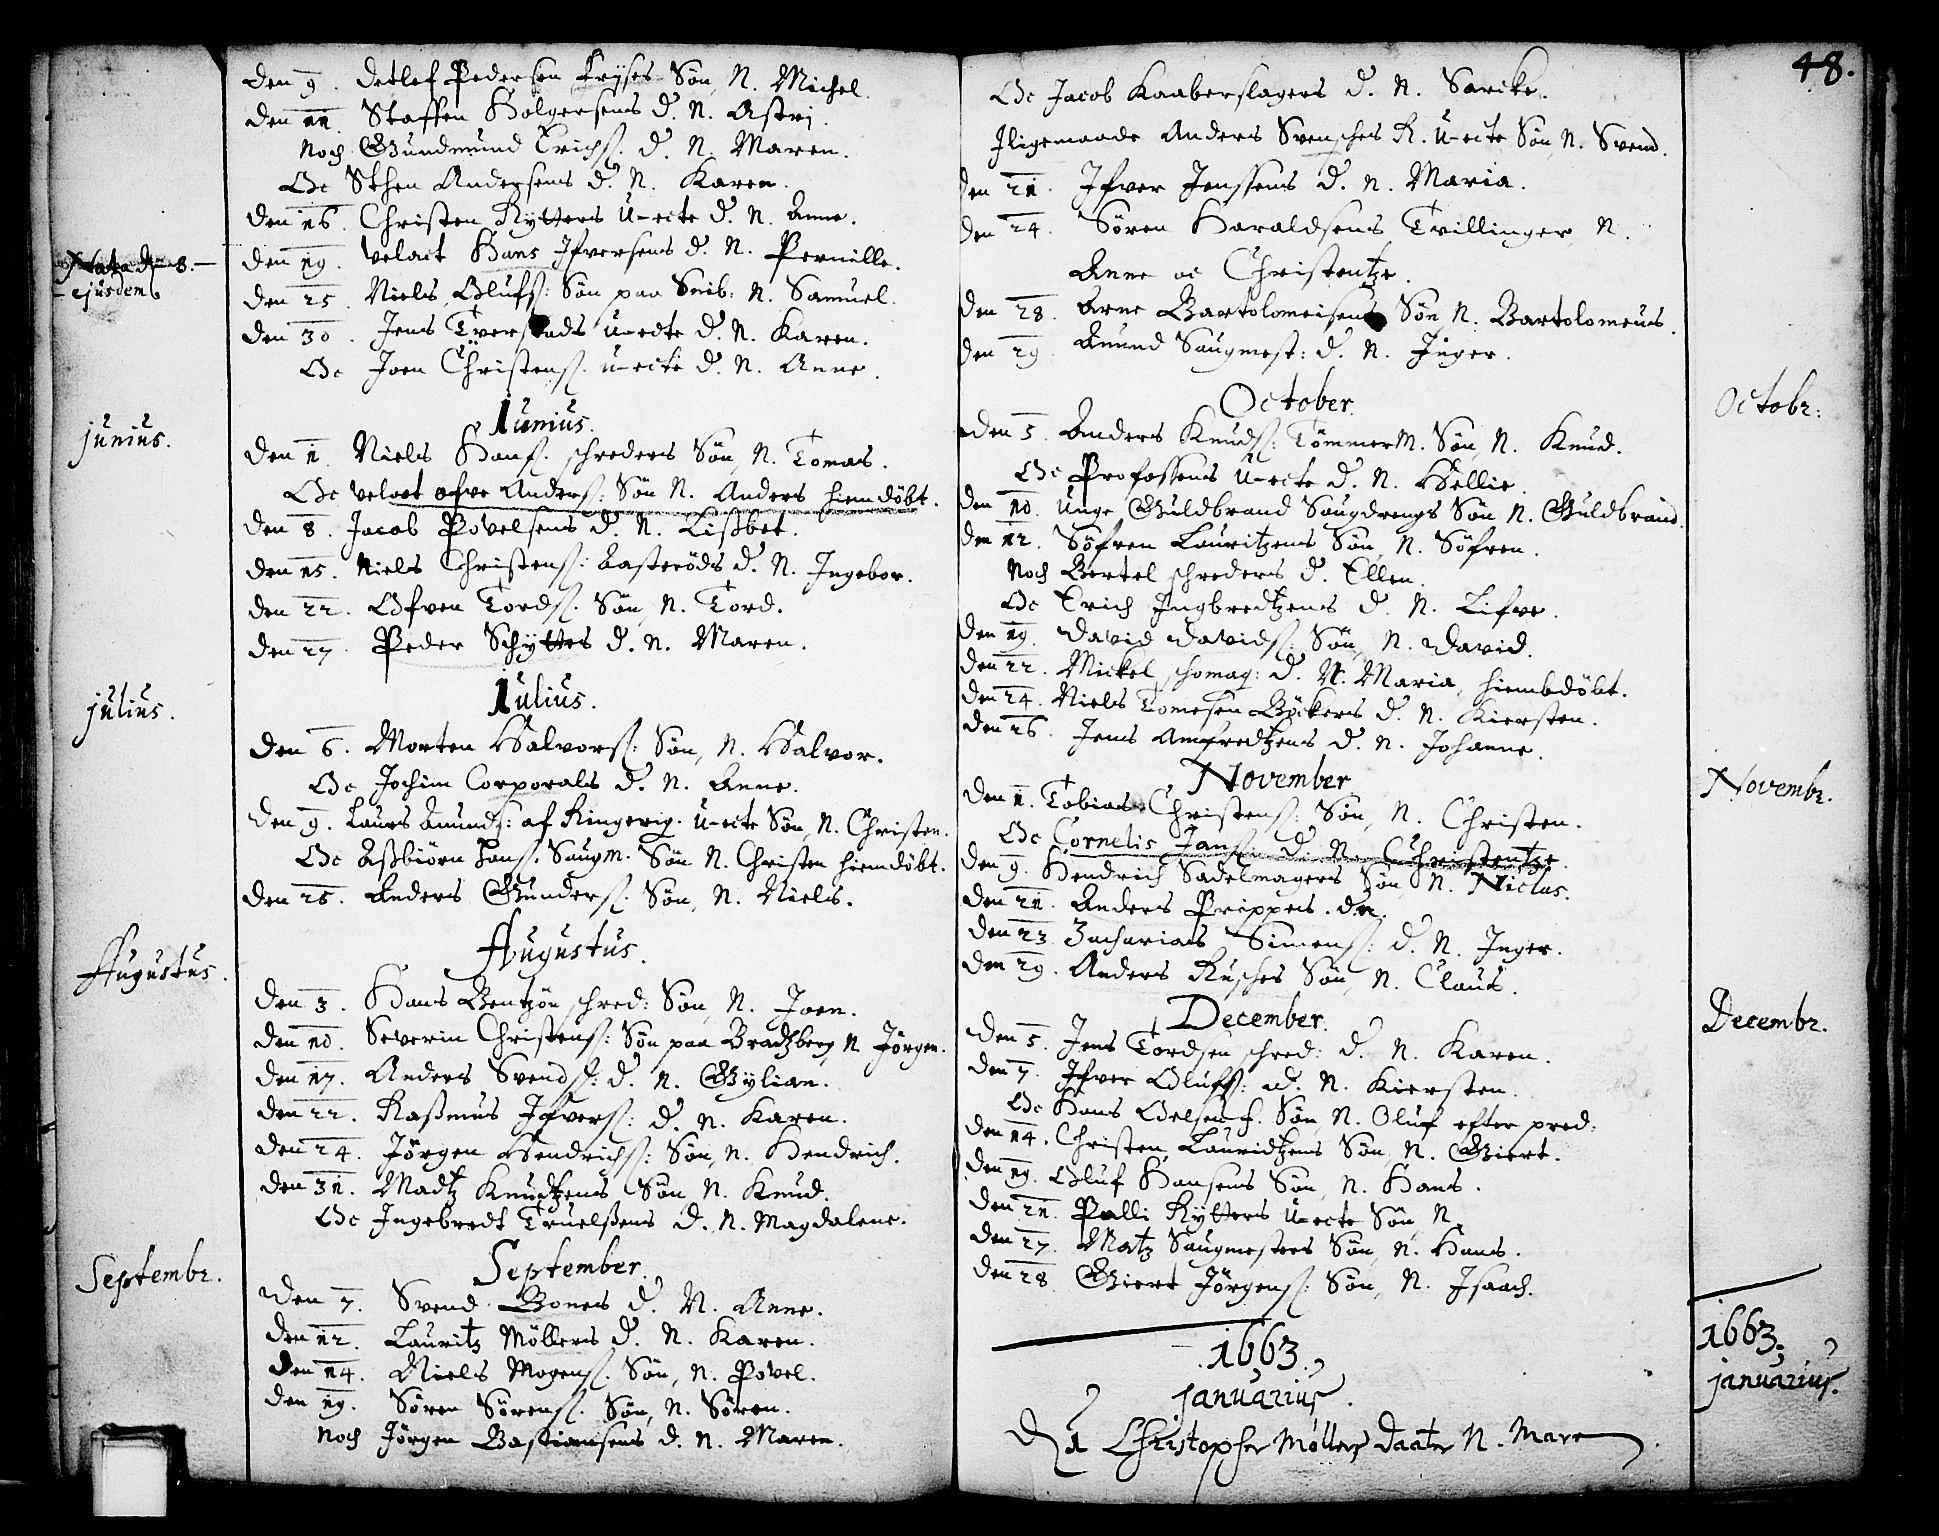 SAKO, Skien kirkebøker, F/Fa/L0001: Ministerialbok nr. 1, 1659-1679, s. 48